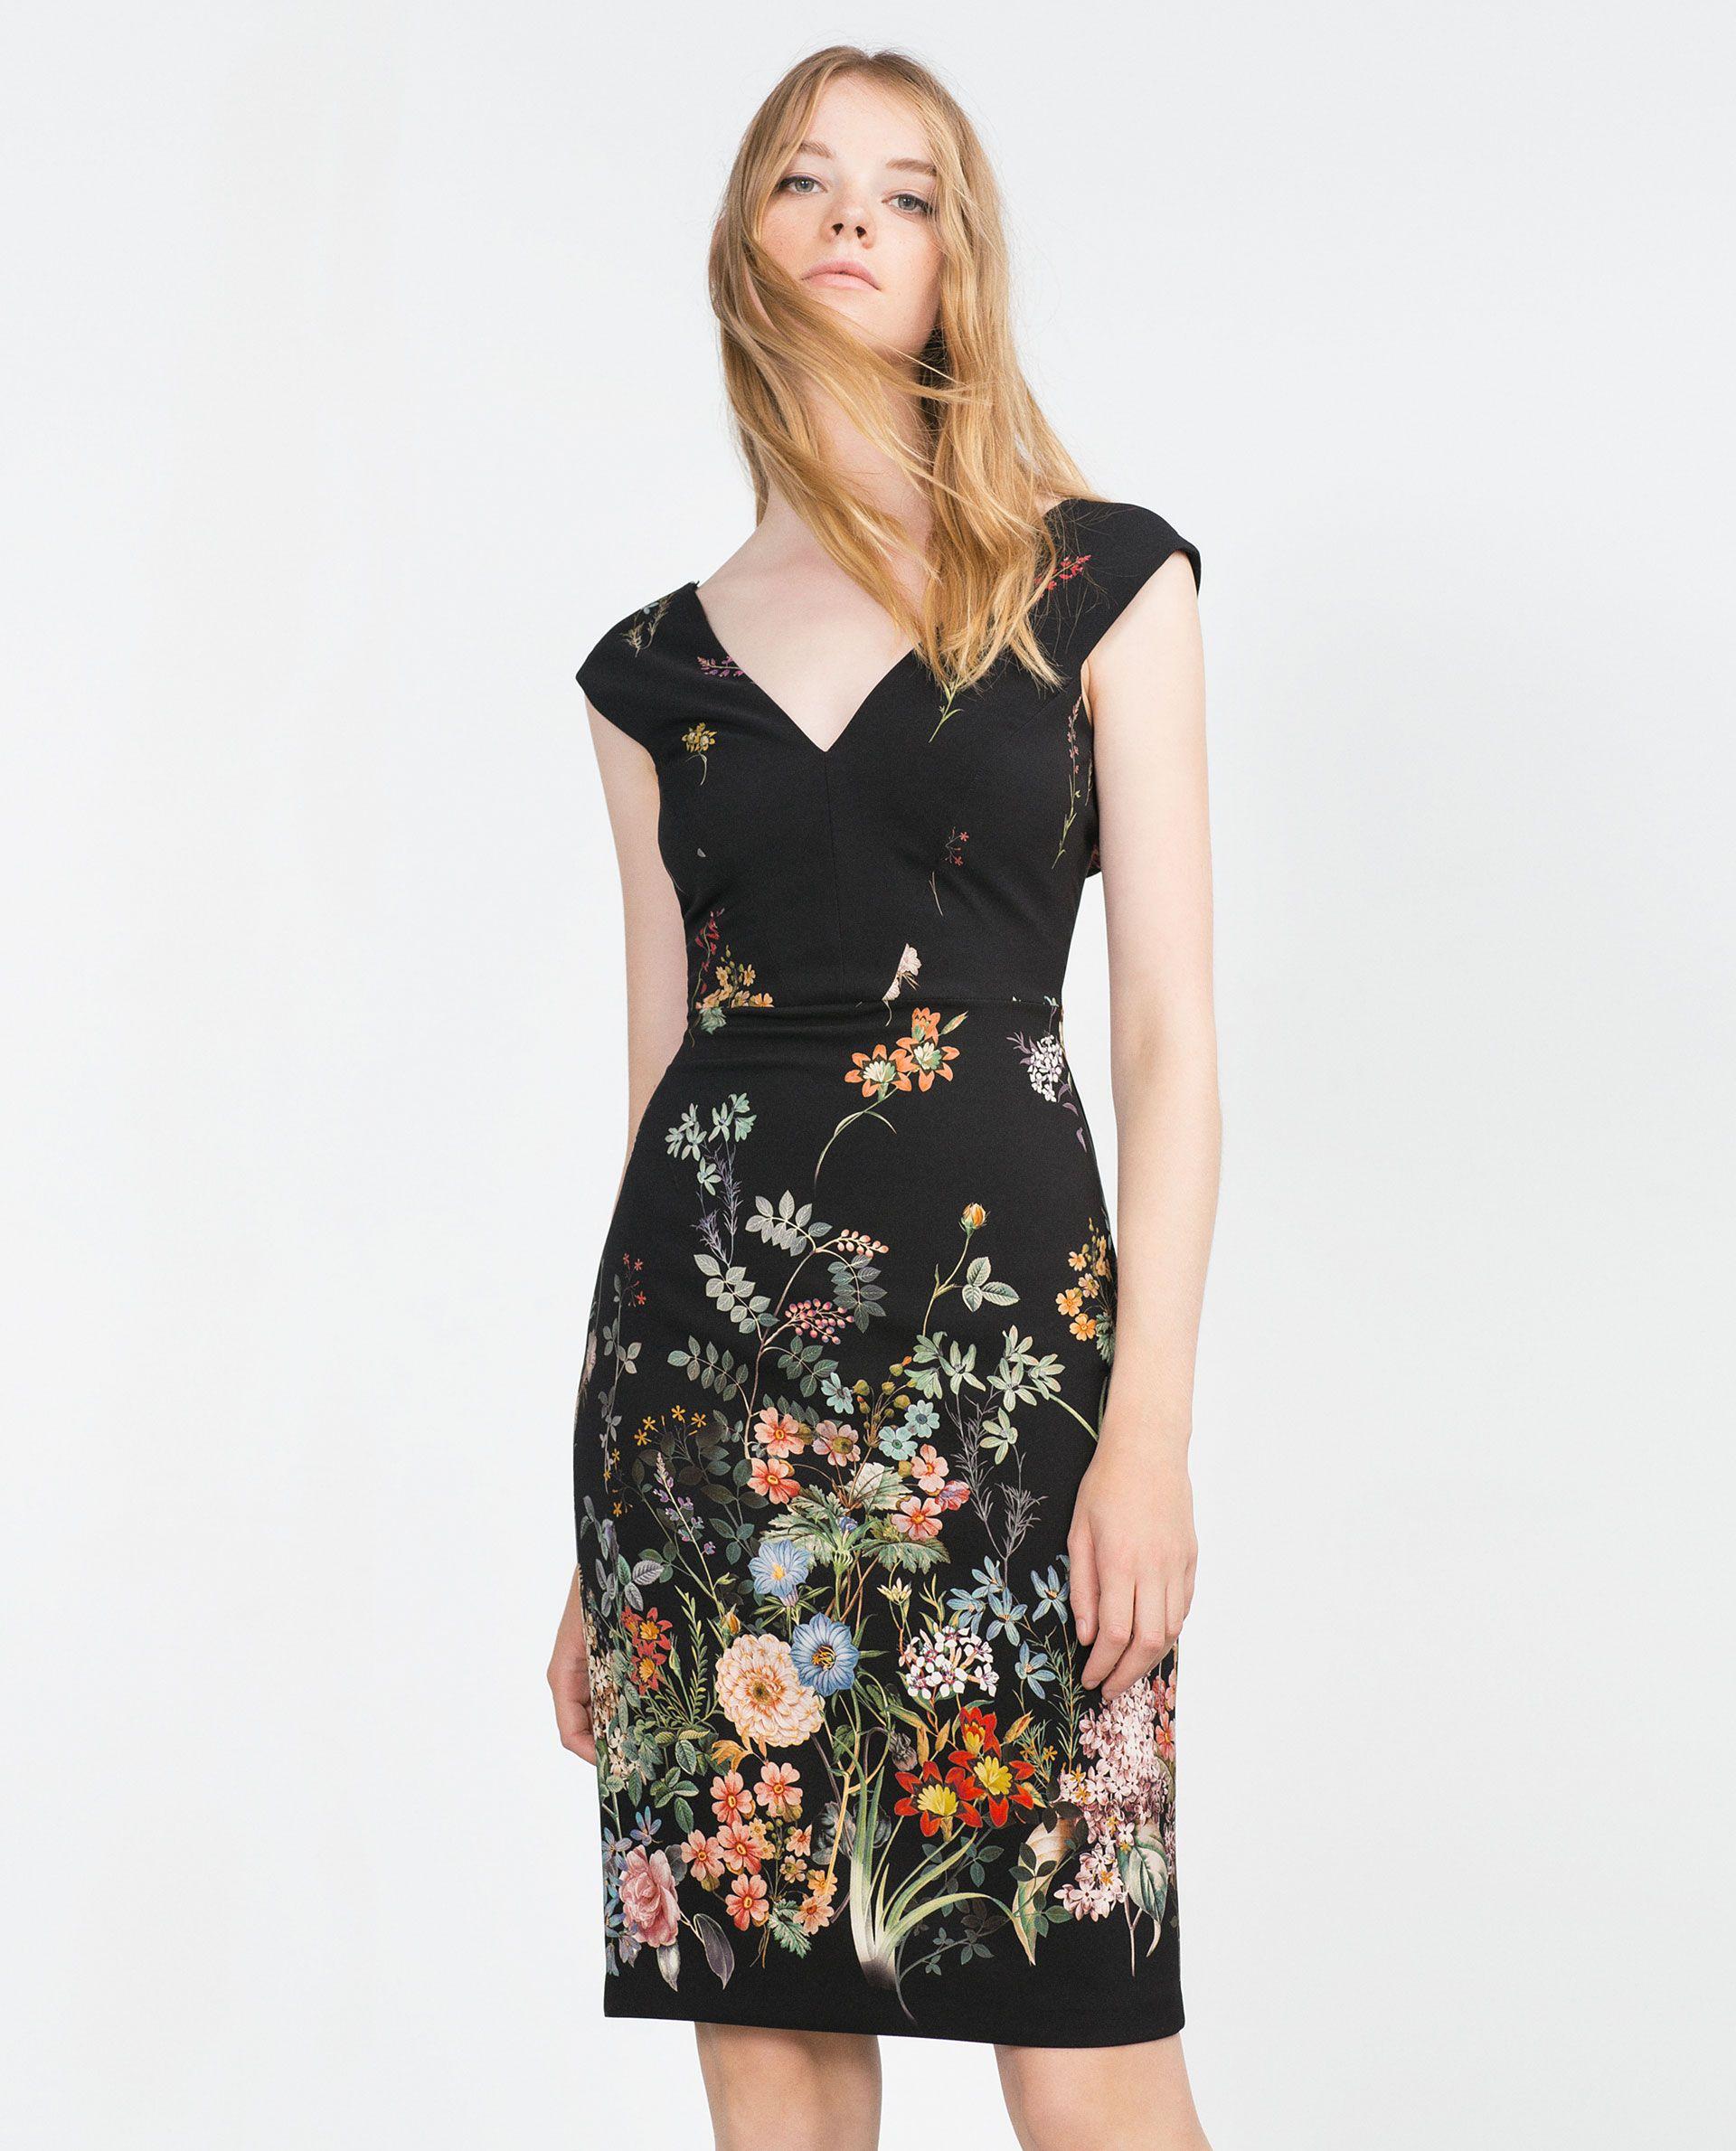 Zara abendkleider 2014